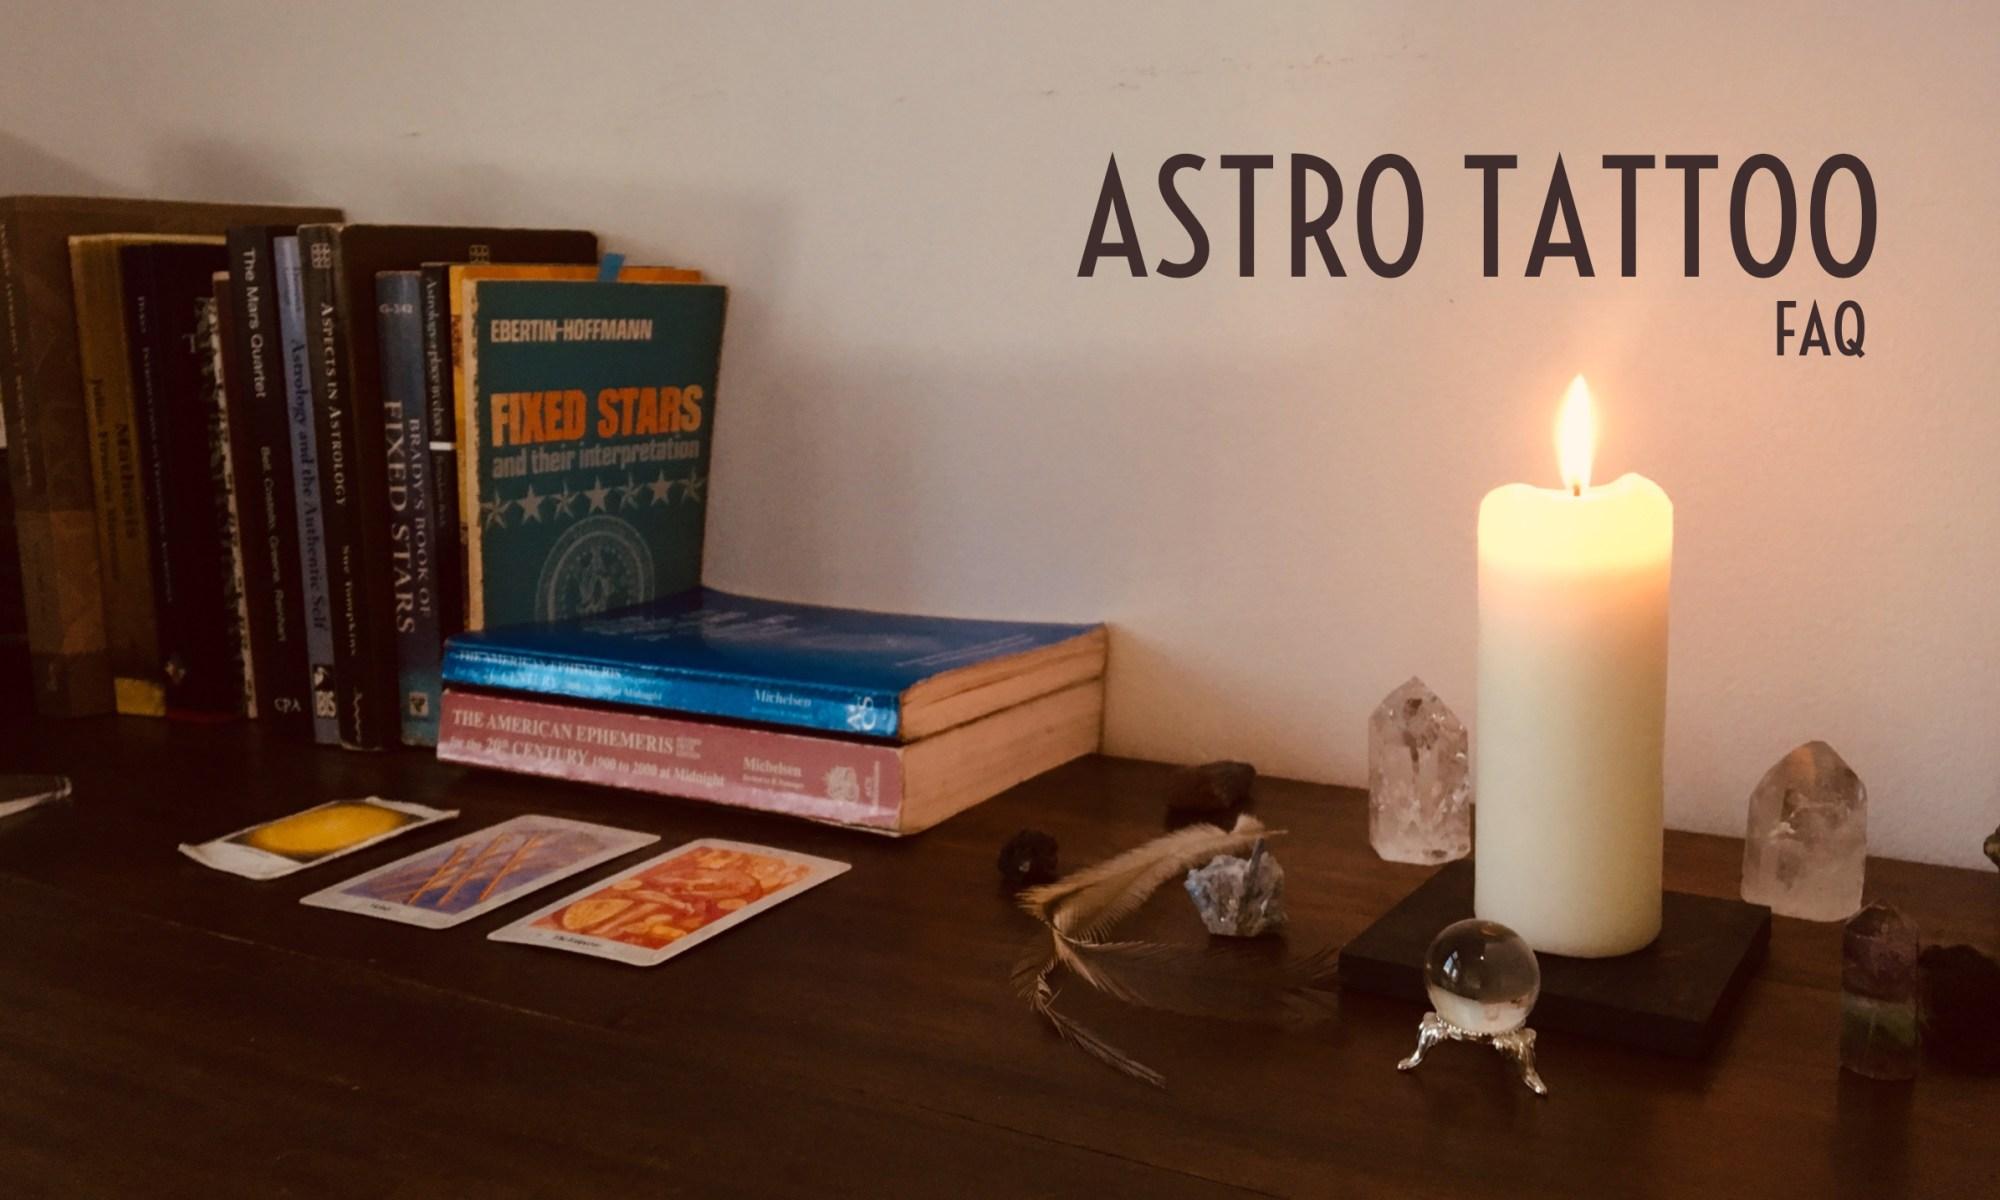 Astro Tattoo FAQ